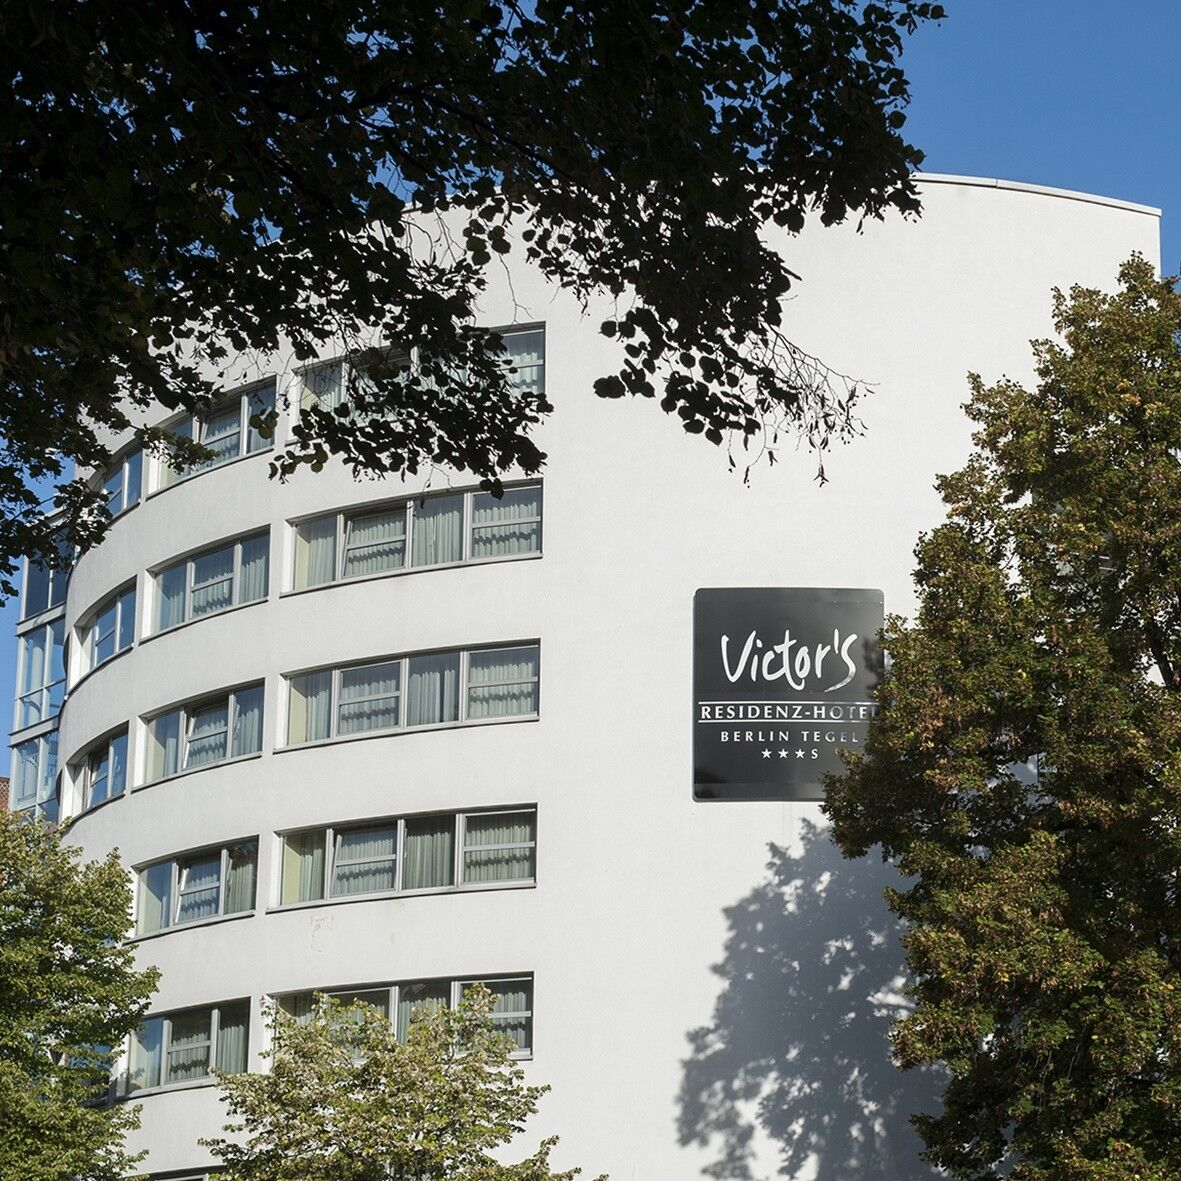 Berlin 3 Tage 2P im  3*S Victor's Residenz-Hotel Berlin Tegel + Schlemmerbuffet